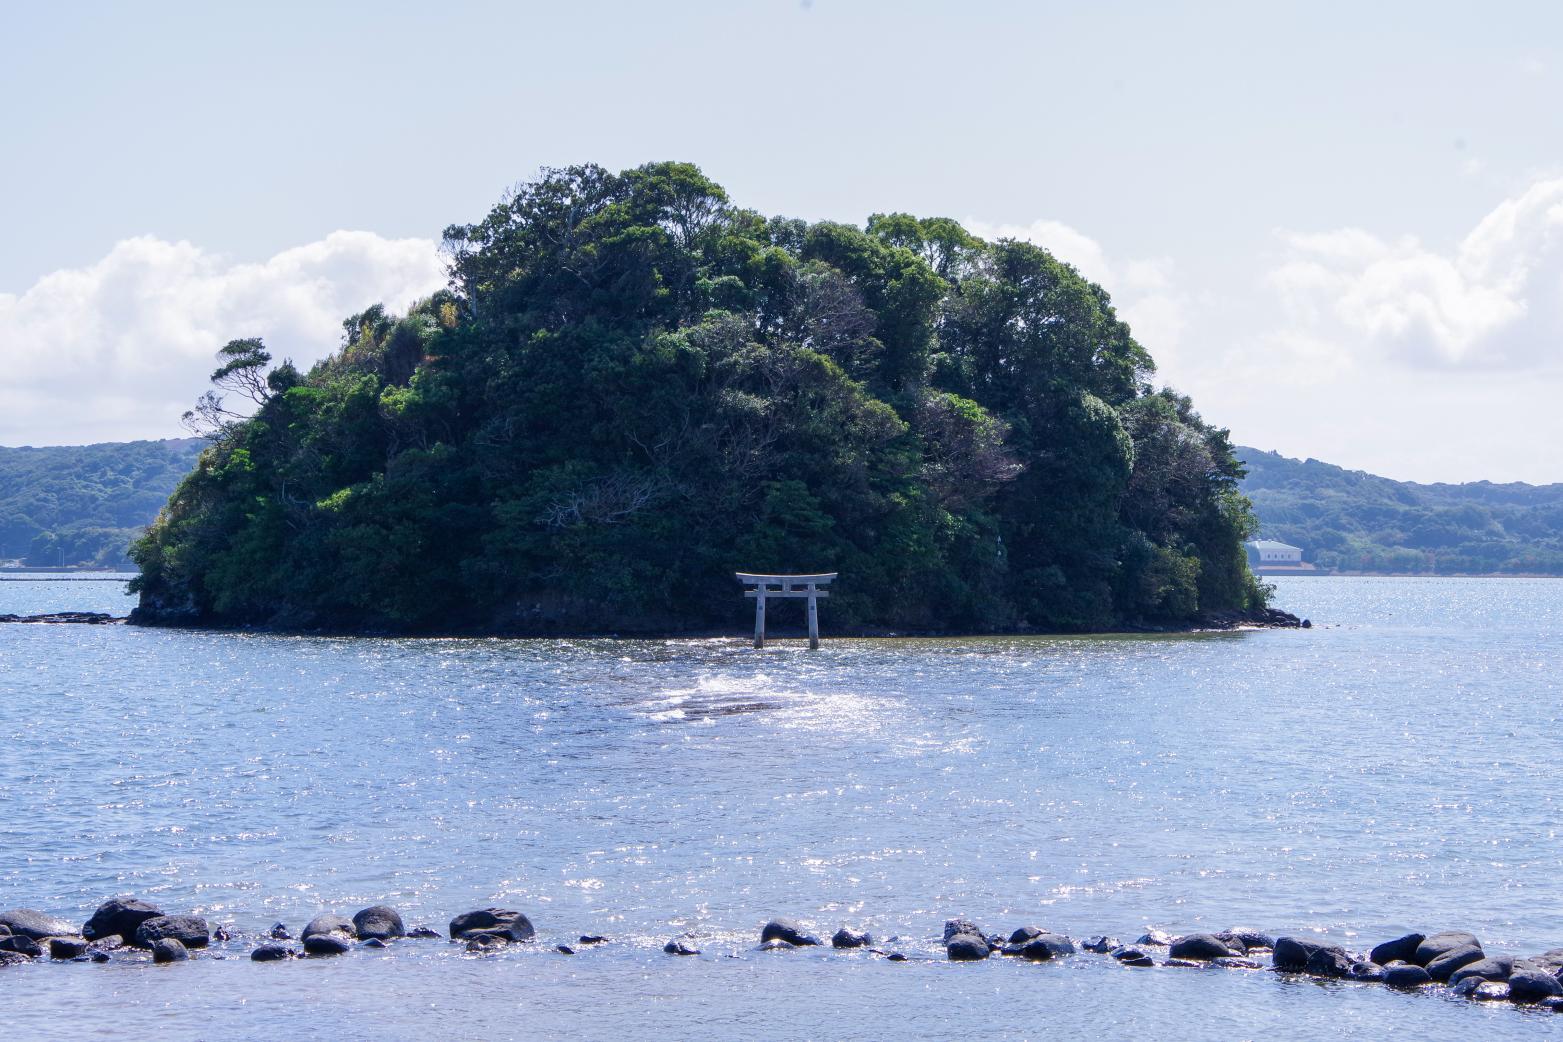 海から参道が現れる「小島神社」は、人気のパワースポット!-7